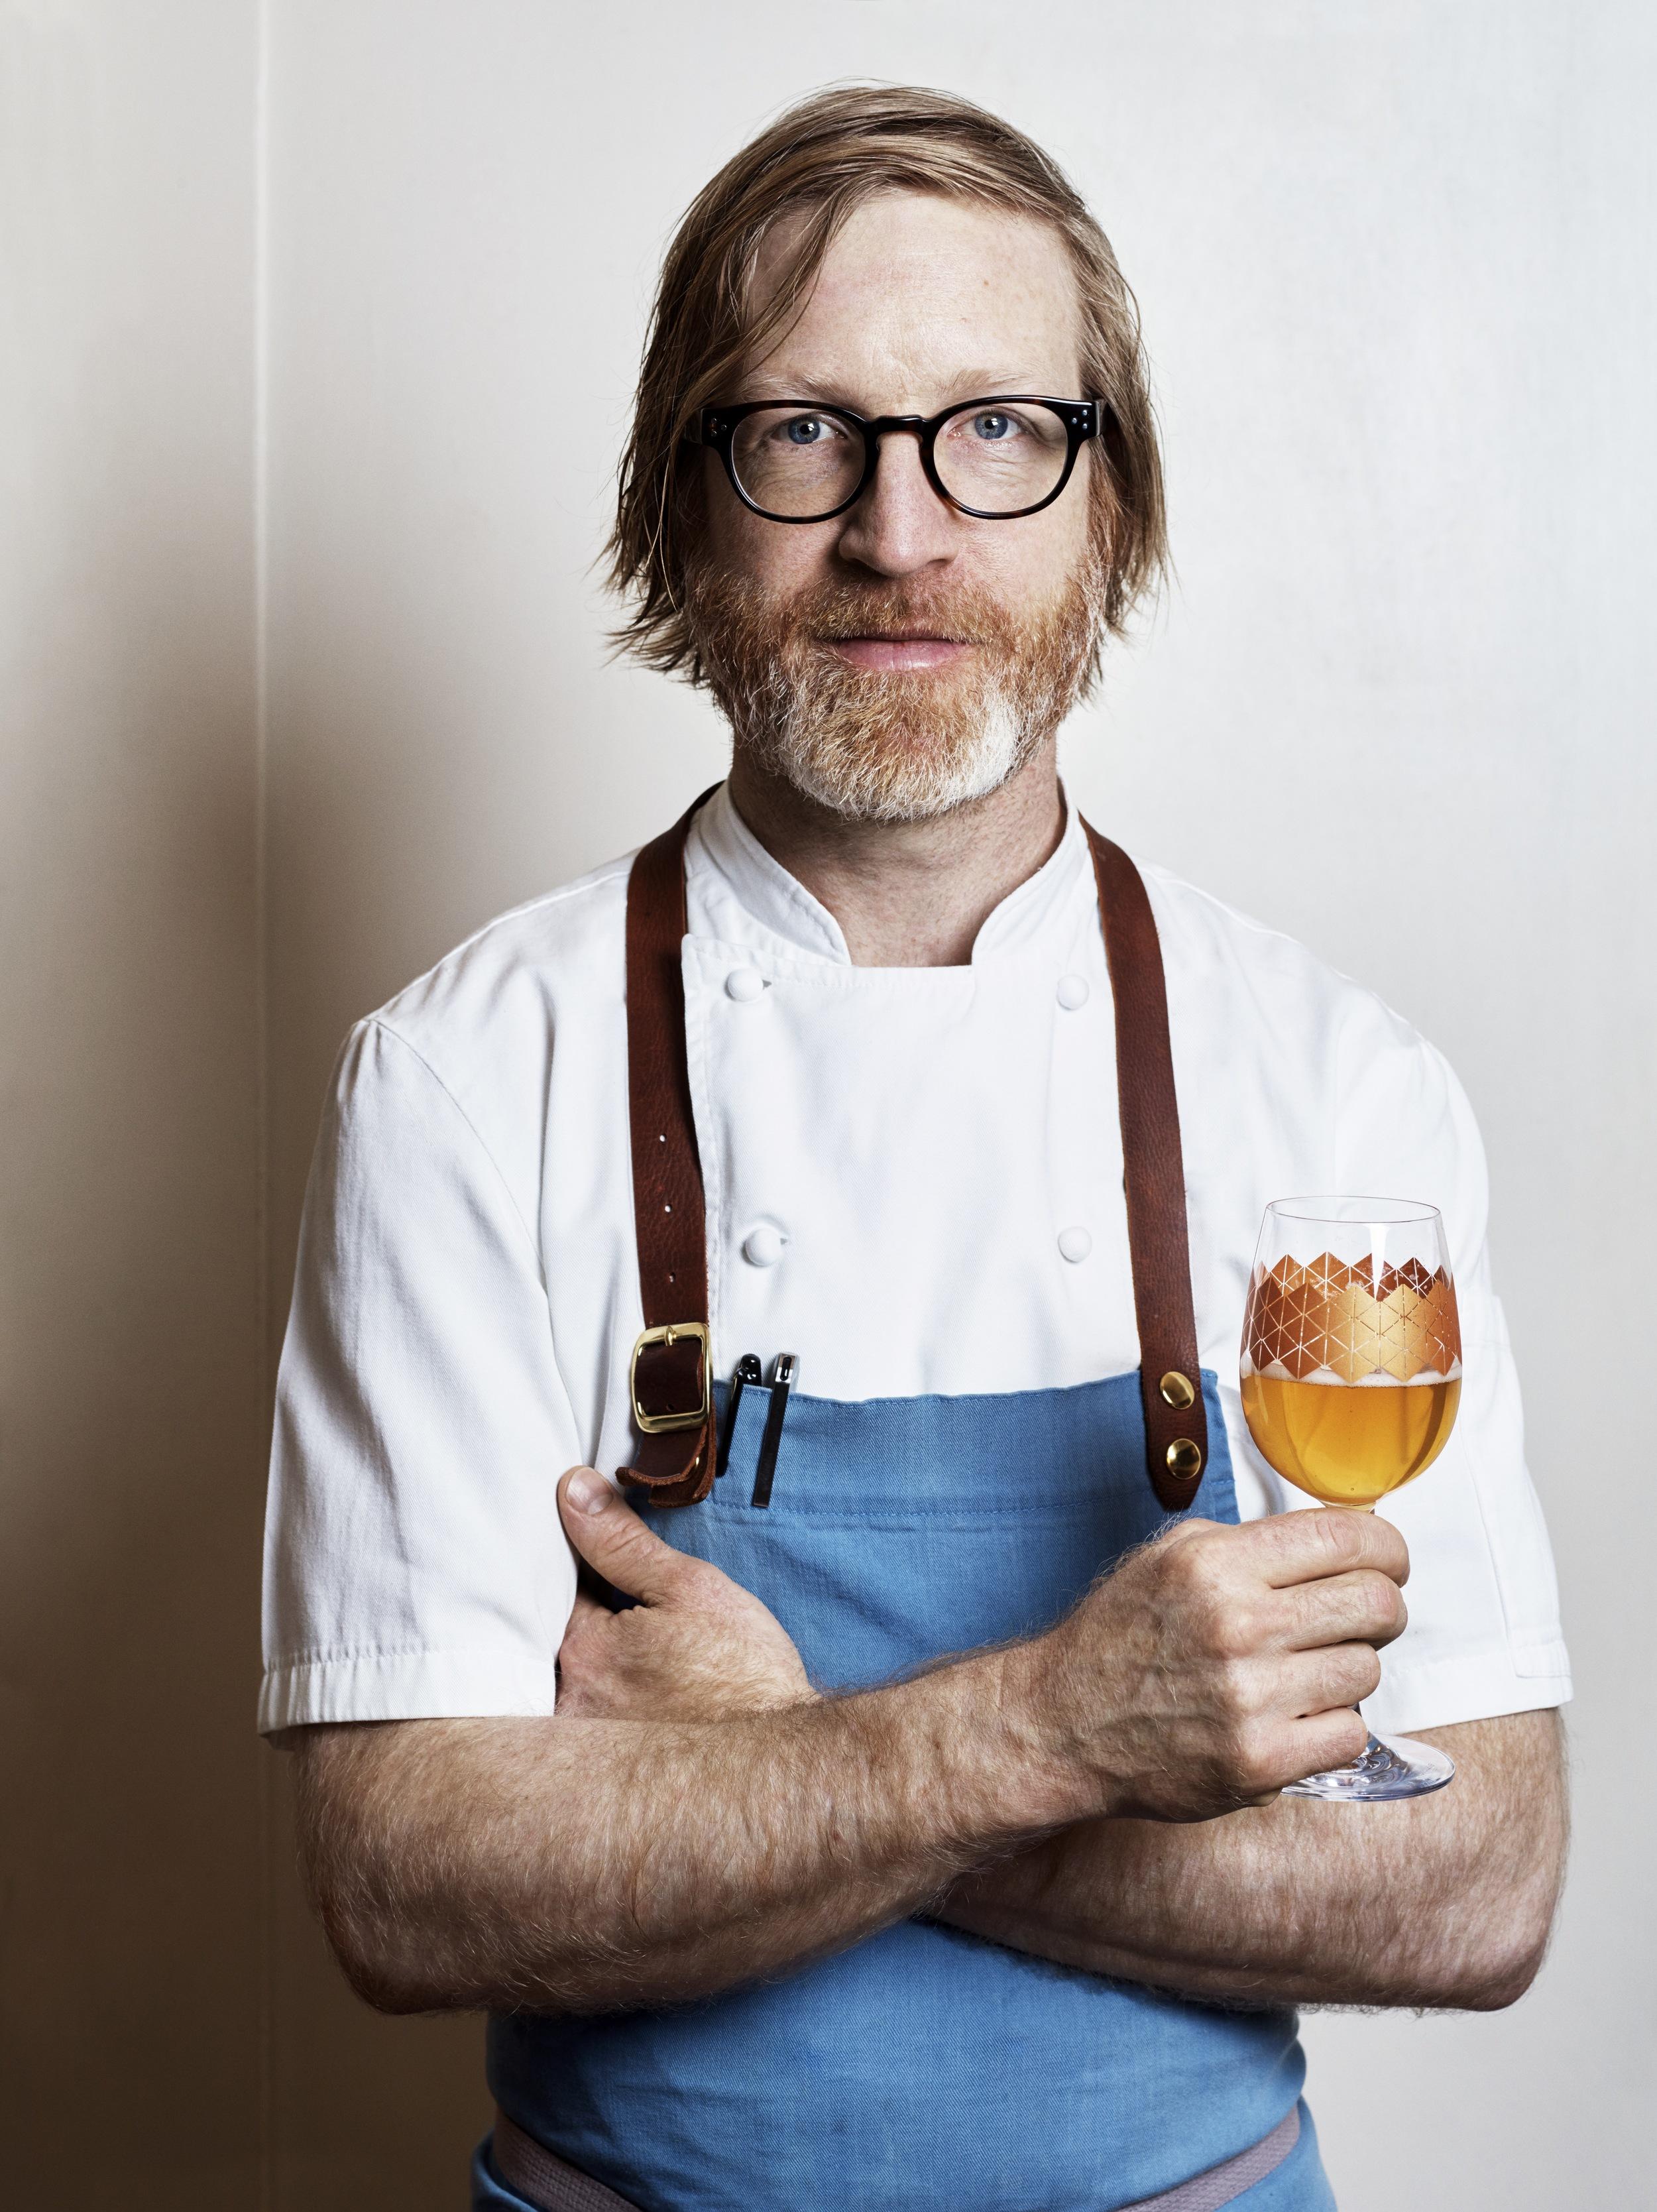 Chef Daniel Burns of Luksus NYC